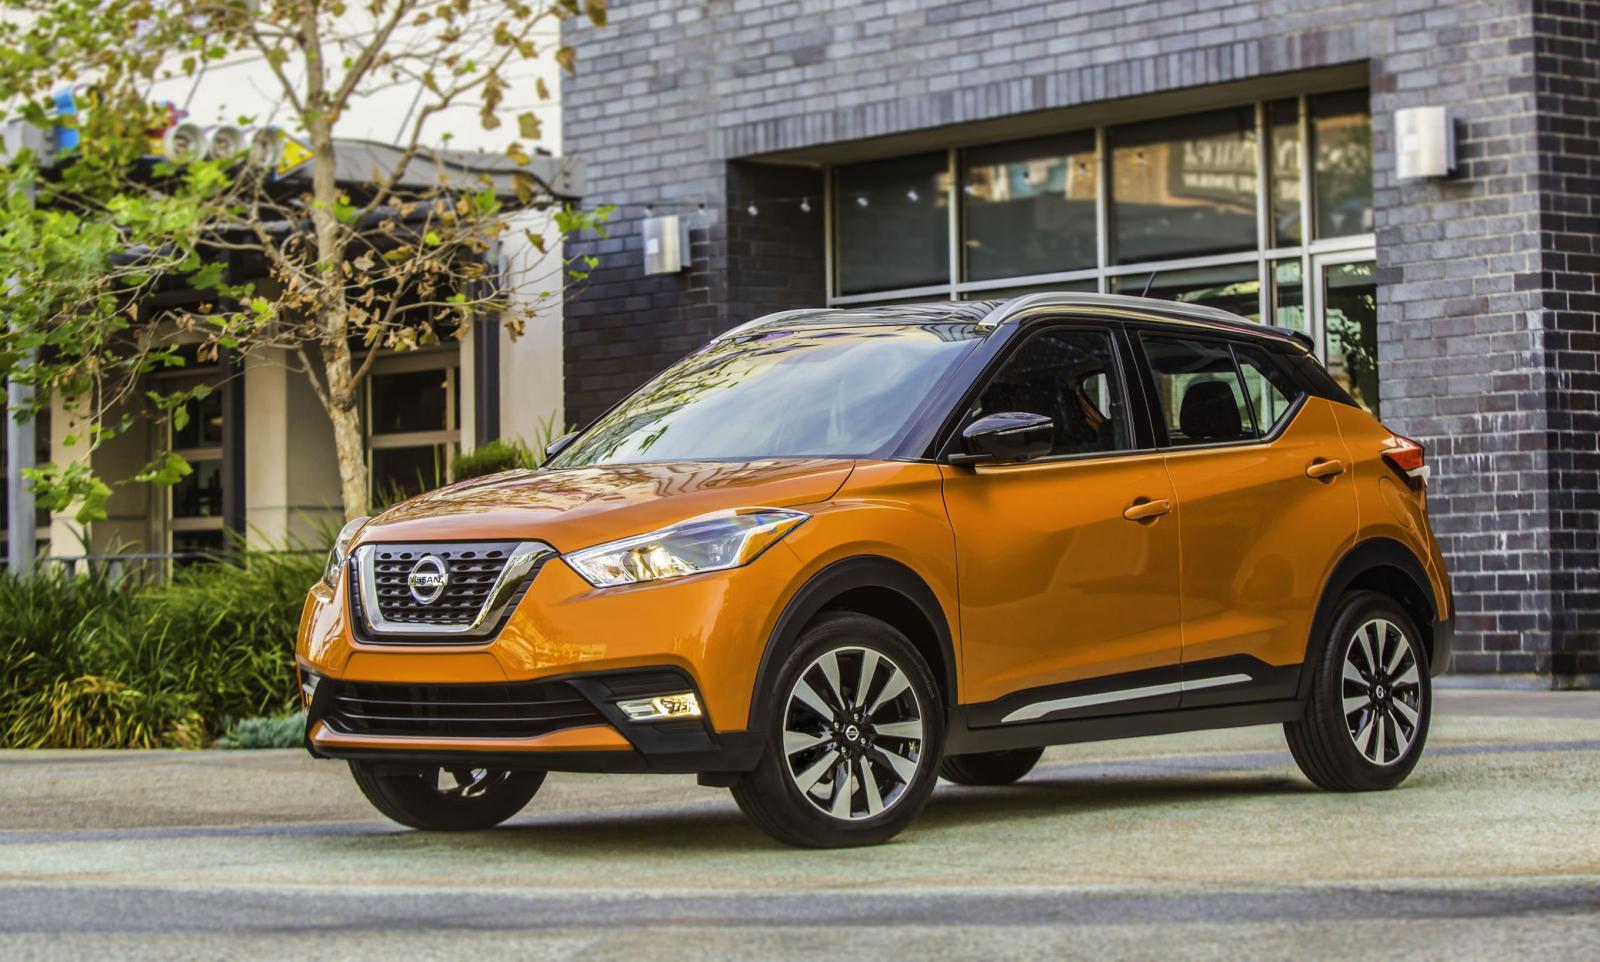 La Nissan Kicks es actualmente la SUV más accesible de Nissan